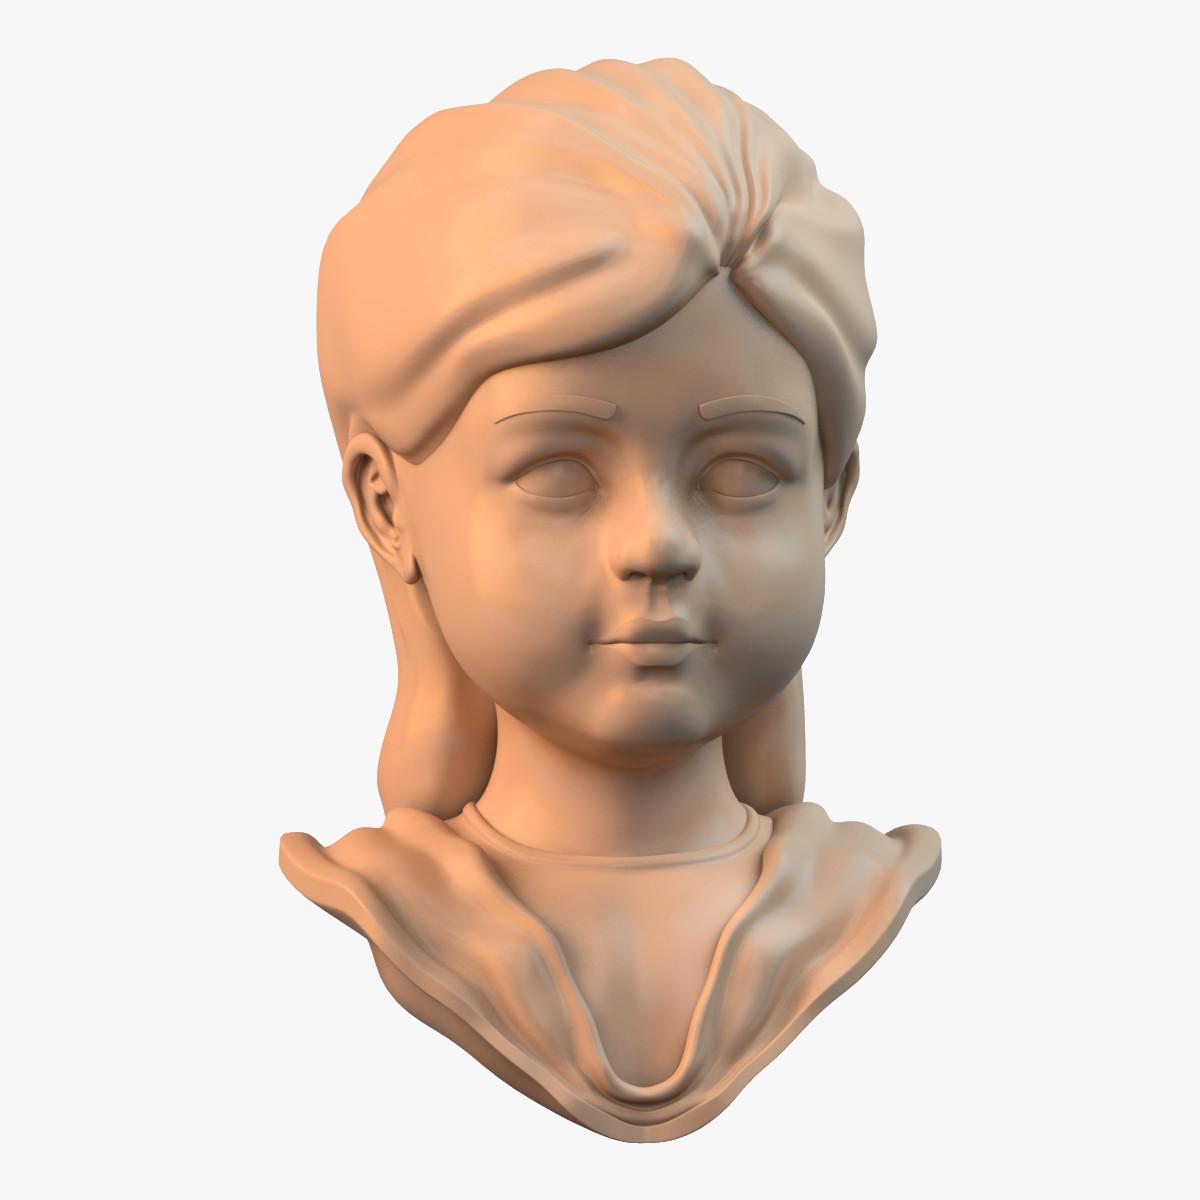 Girl_statue_sig_col_v01.png